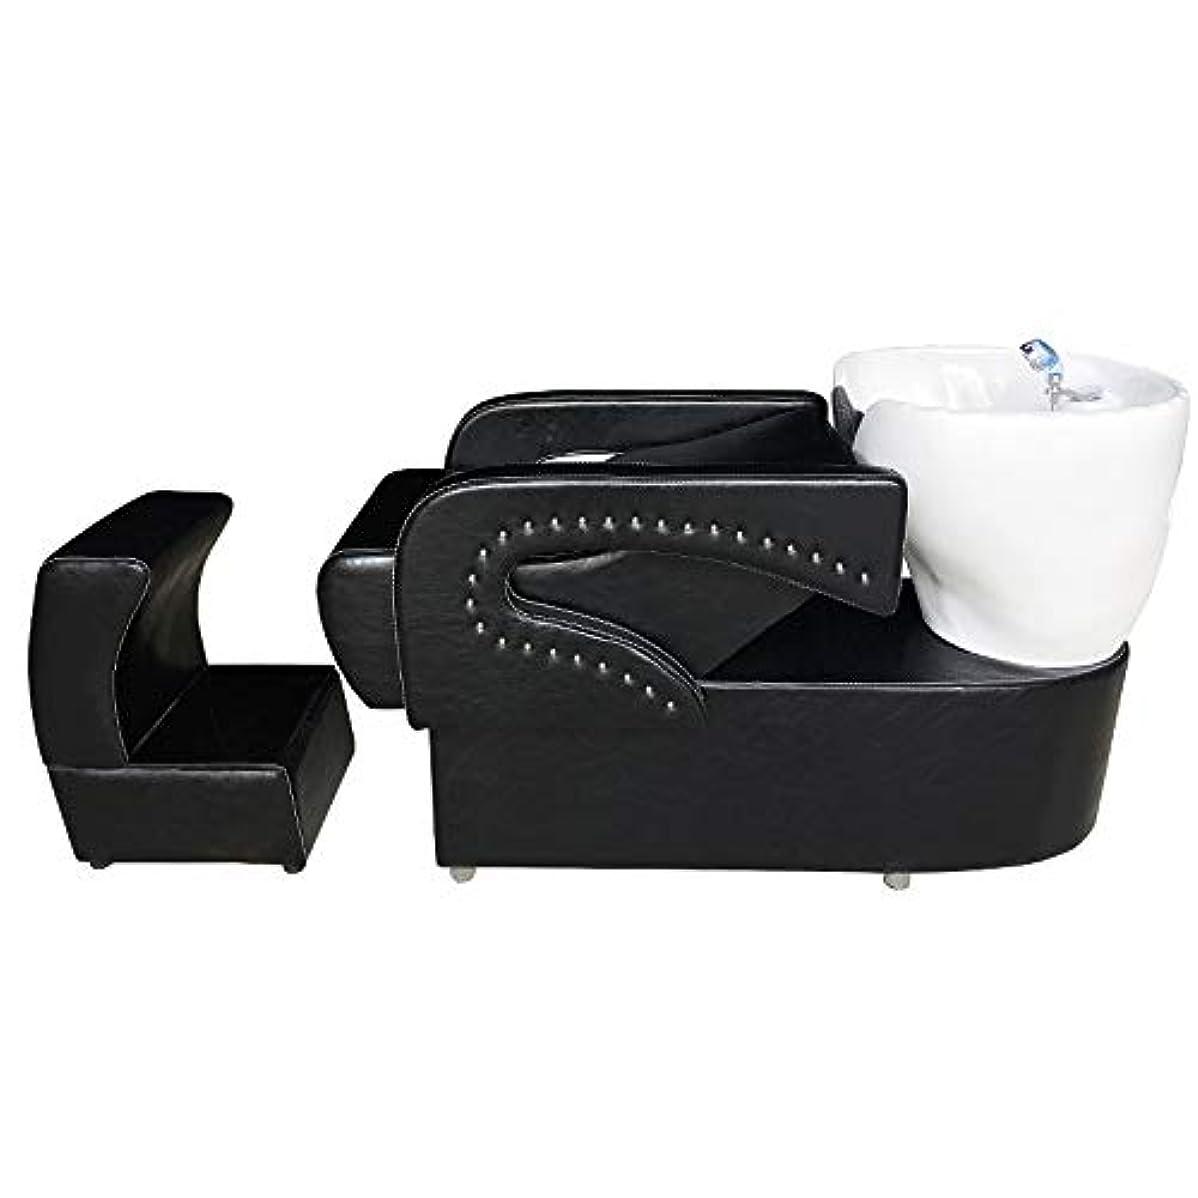 人道的ピッチャーレディシャンプーの理髪師の逆洗の椅子、鉱泉の美容院のためのシャンプーボールの流しの椅子は半くぼみのフラッシュベッドを流します